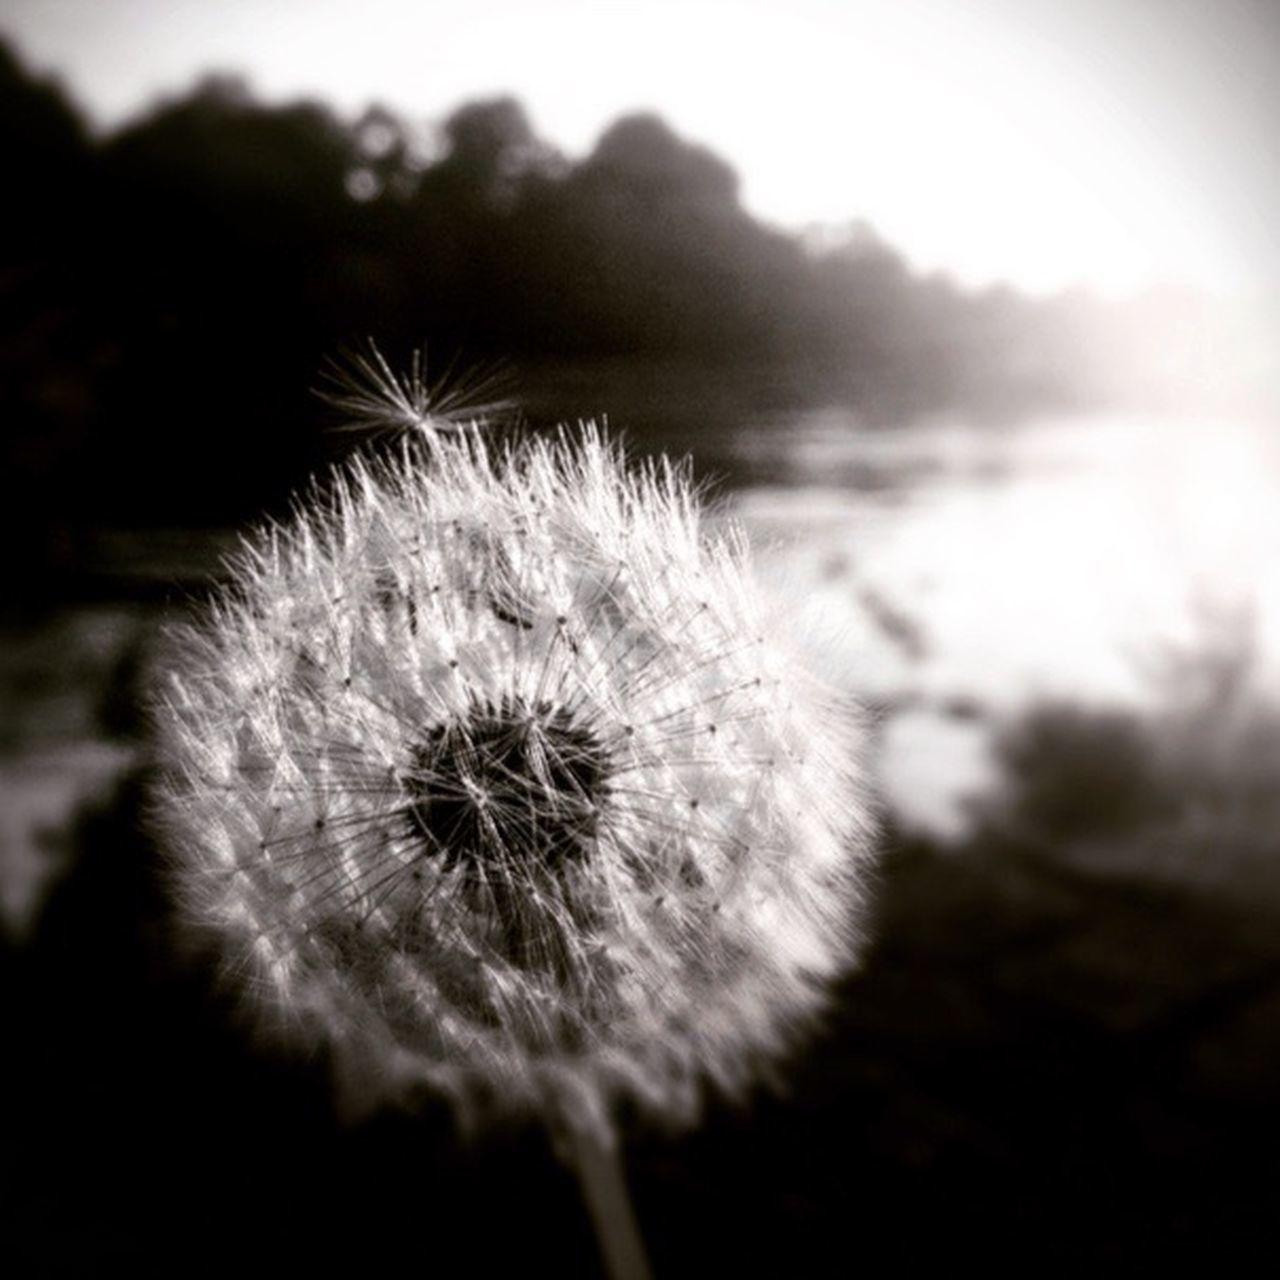 Seemless. Water Remember Sittingwaitingwishing Sun Ifihadaboat Picknick Peach Higgs Donau Monochrome Photography